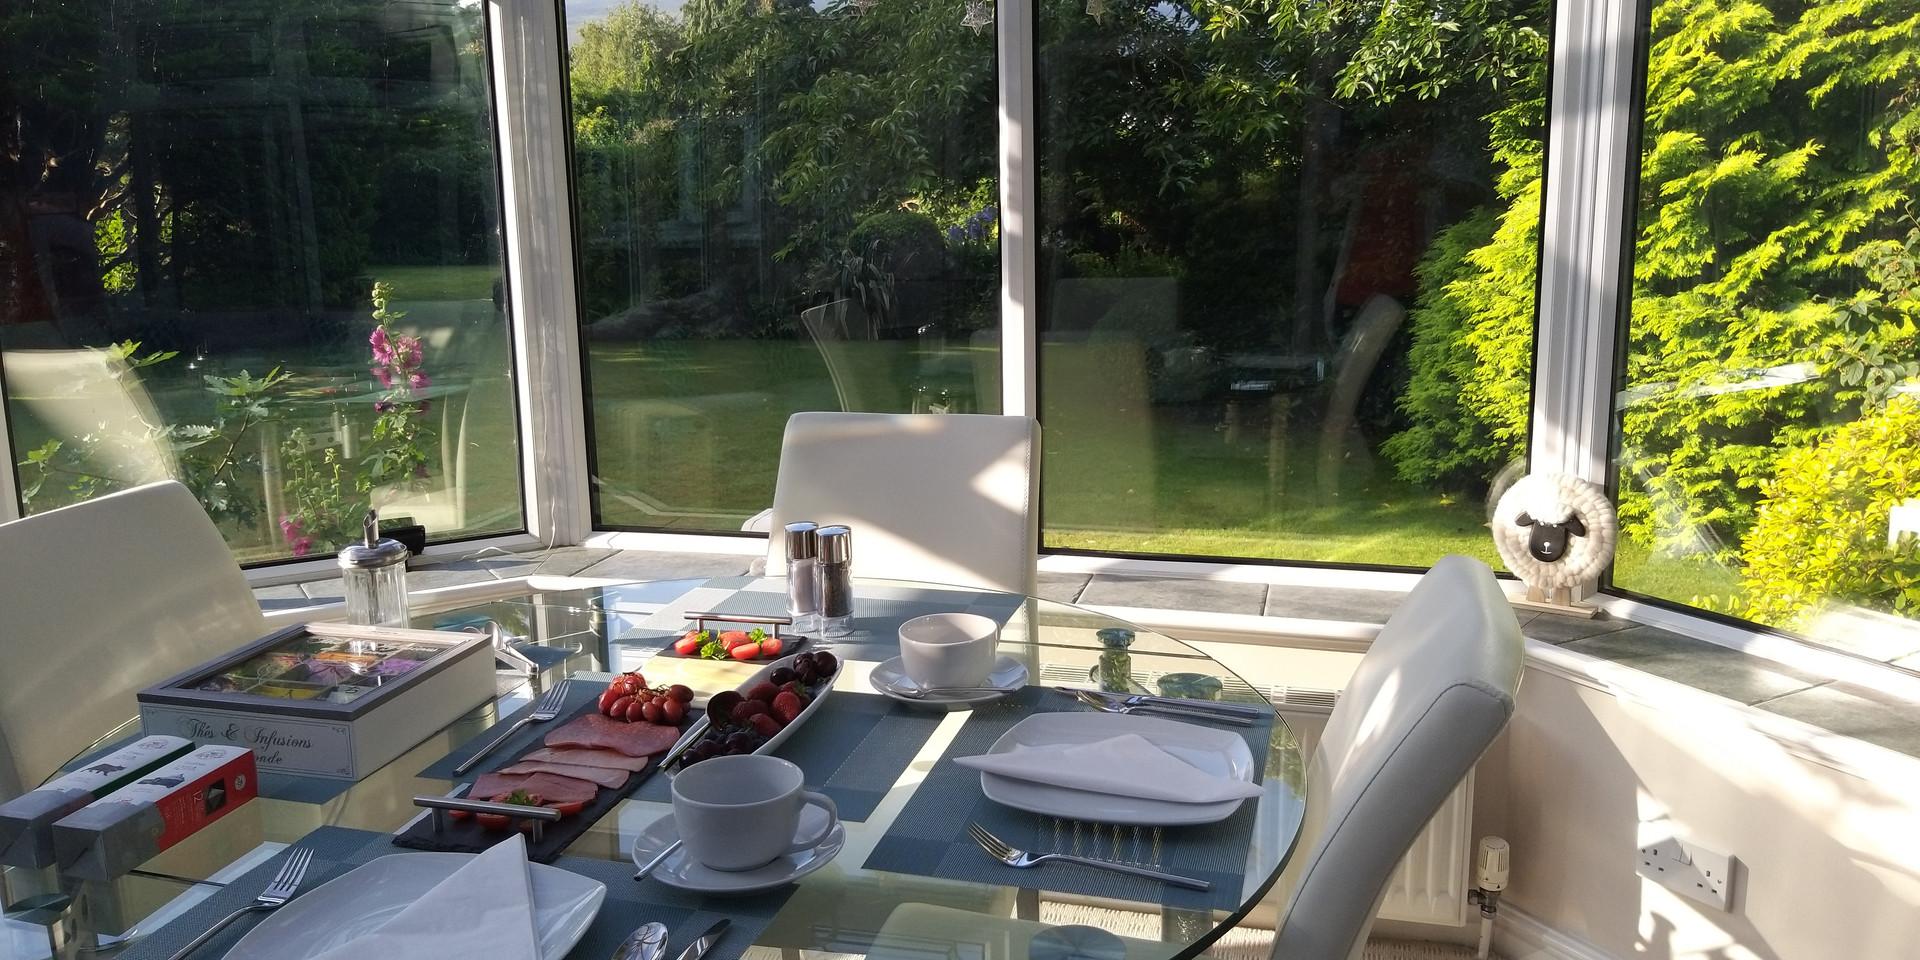 Hillingford's breakfast area